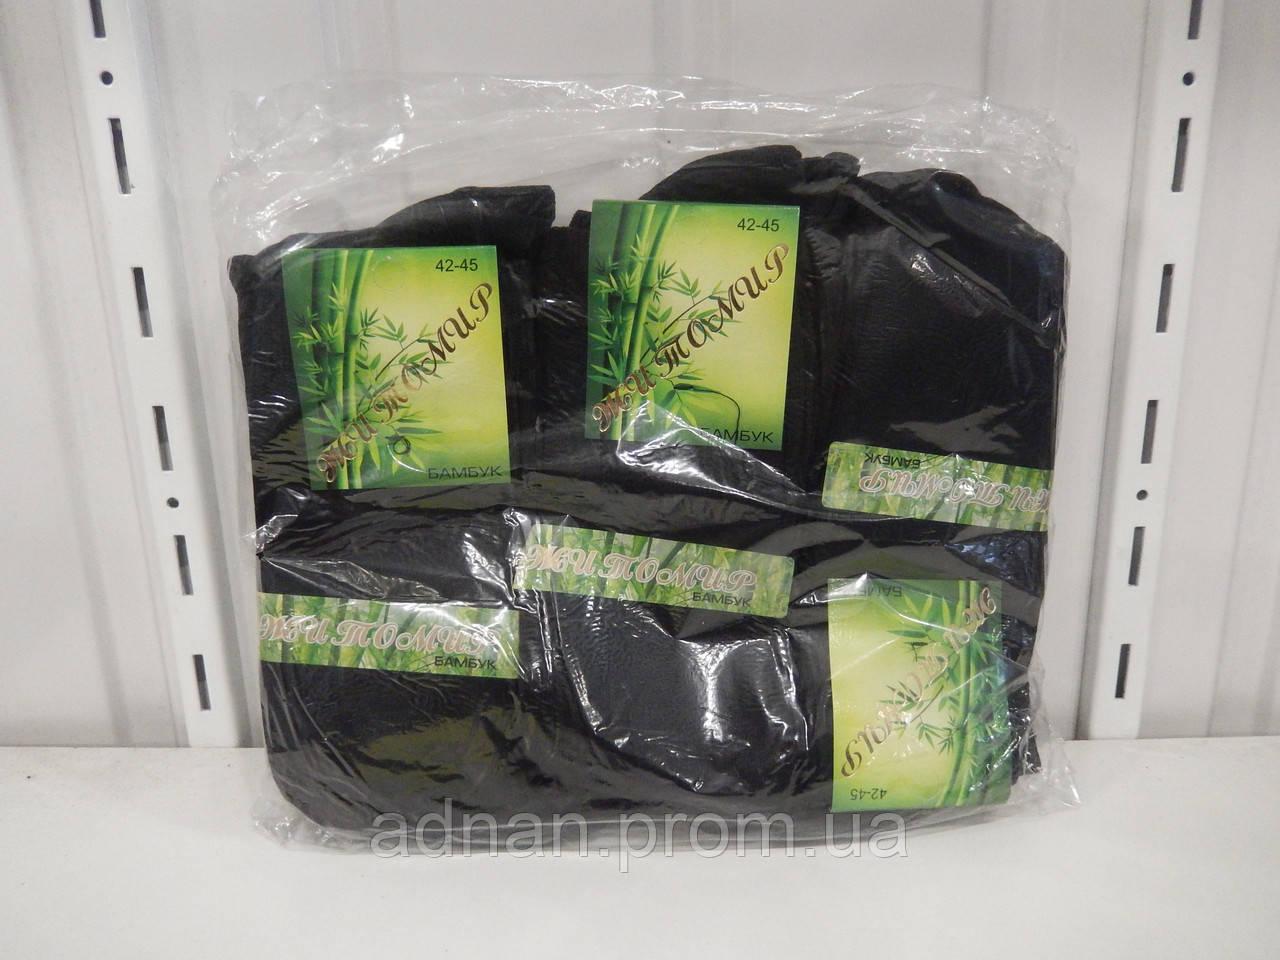 Носки мужские Житомир, размер 42-45 / купить мужские носки оптом оптом